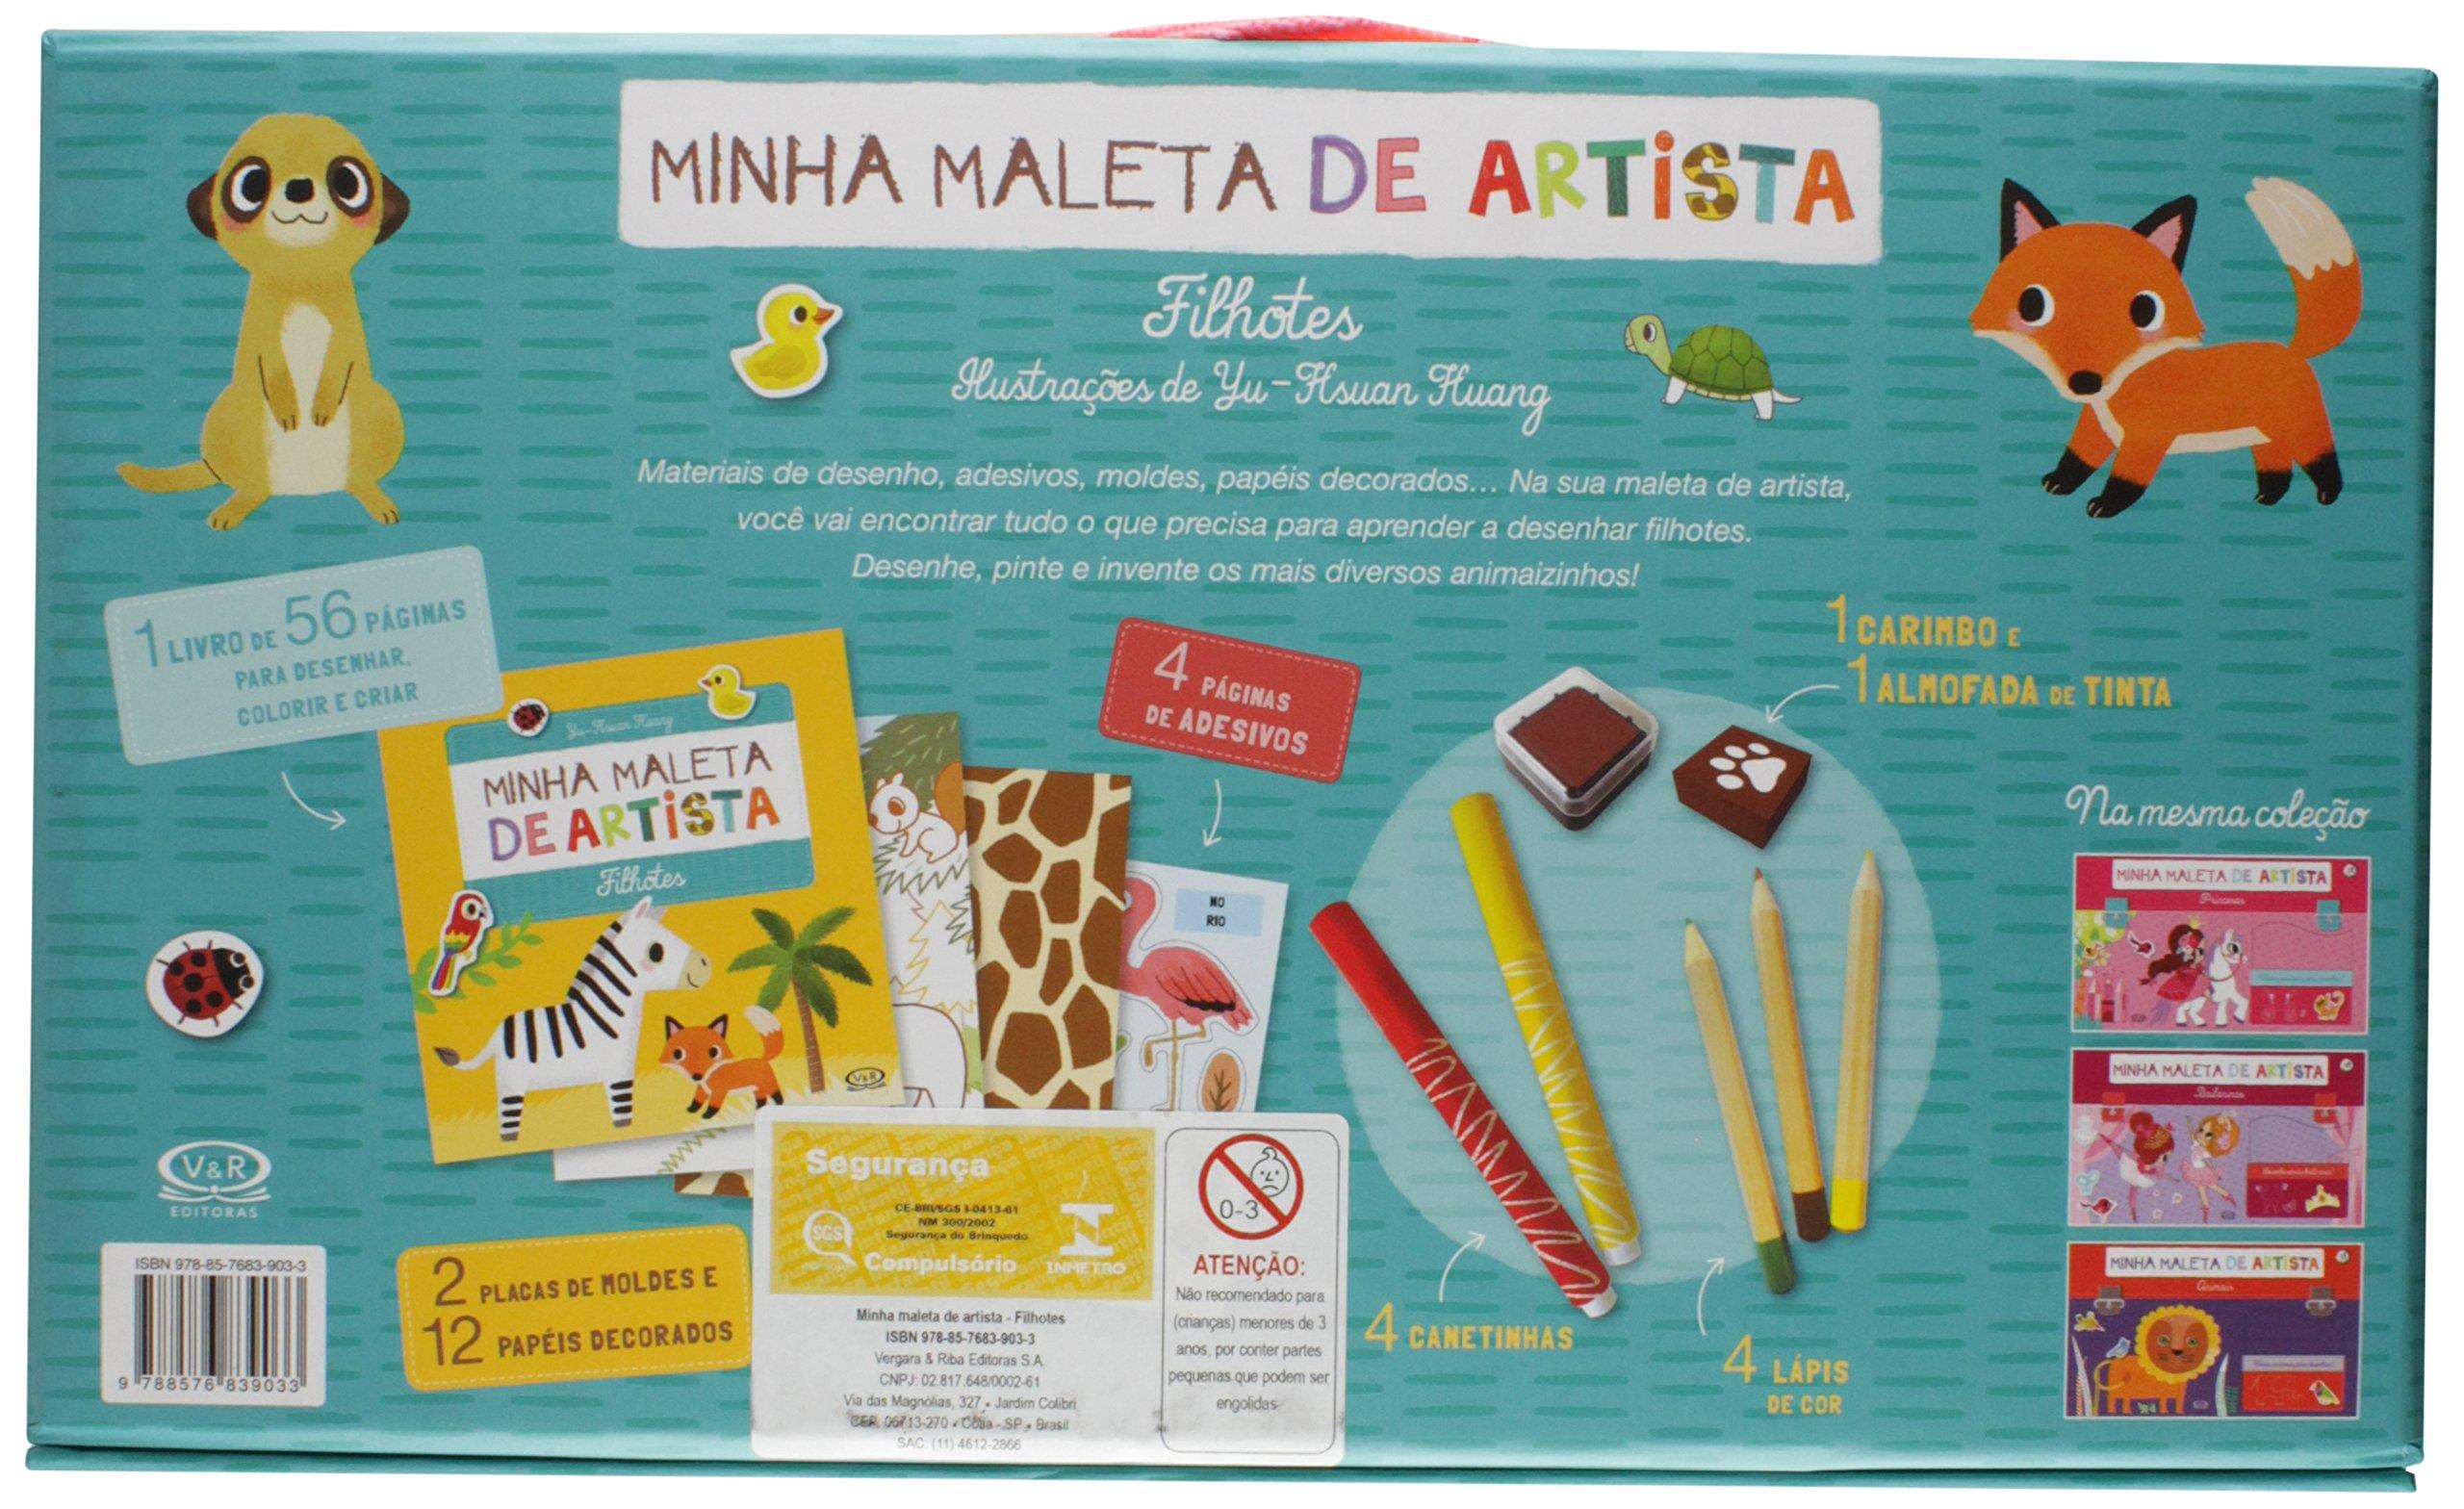 Minha Maleta de Artista. Filhotes (Em Portuguese do Brasil): Yu-Hsuan Huang: 9788576839033: Amazon.com: Books